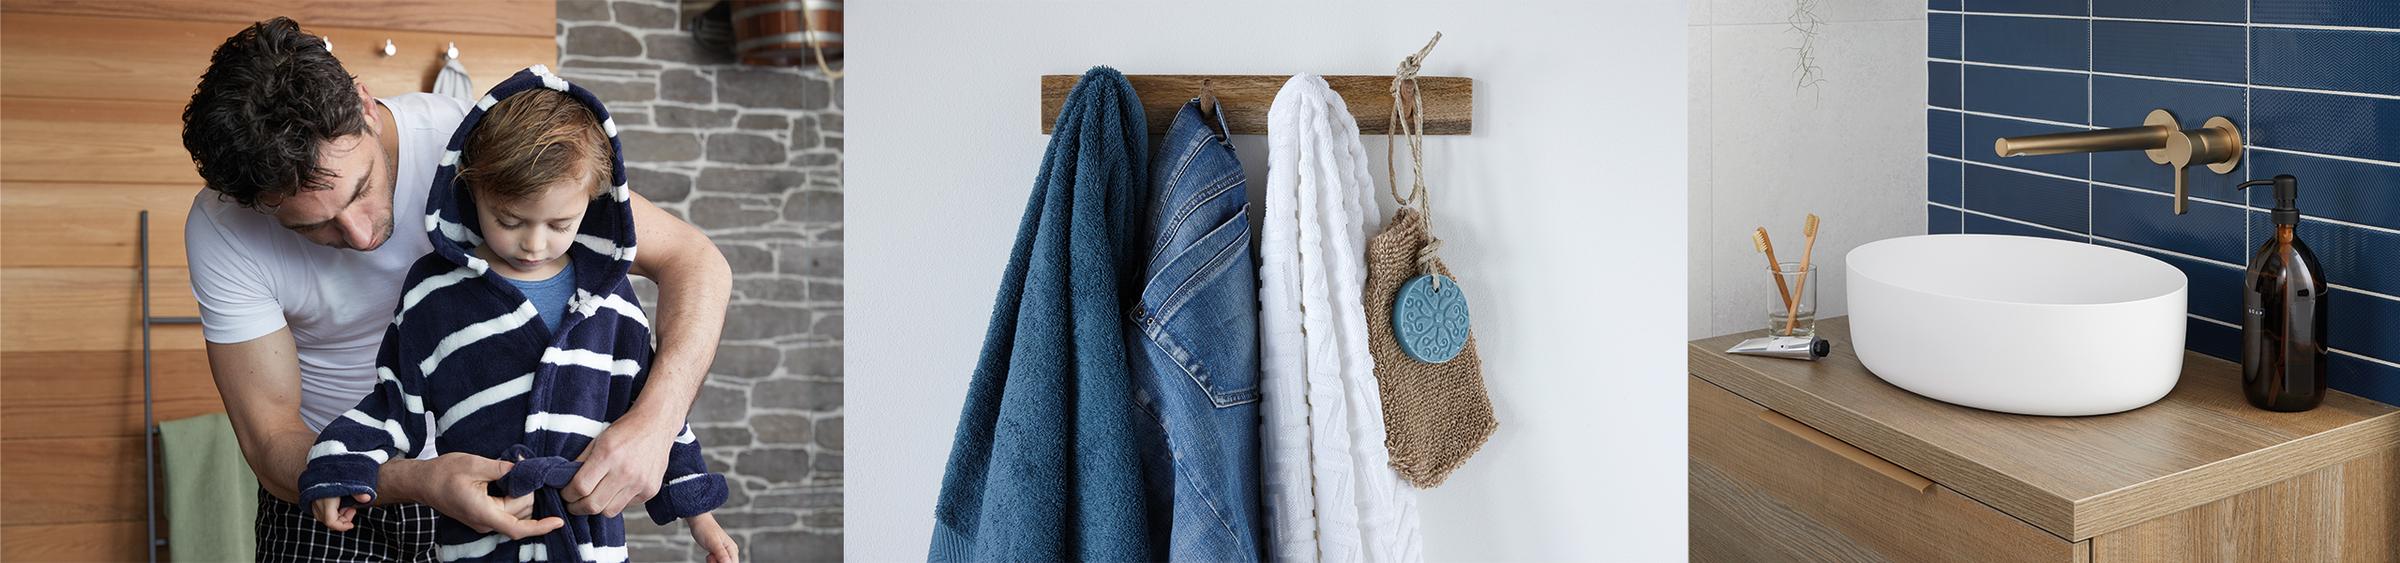 Trend: blauw in de badkamer - Trend: blauw in de badkamer